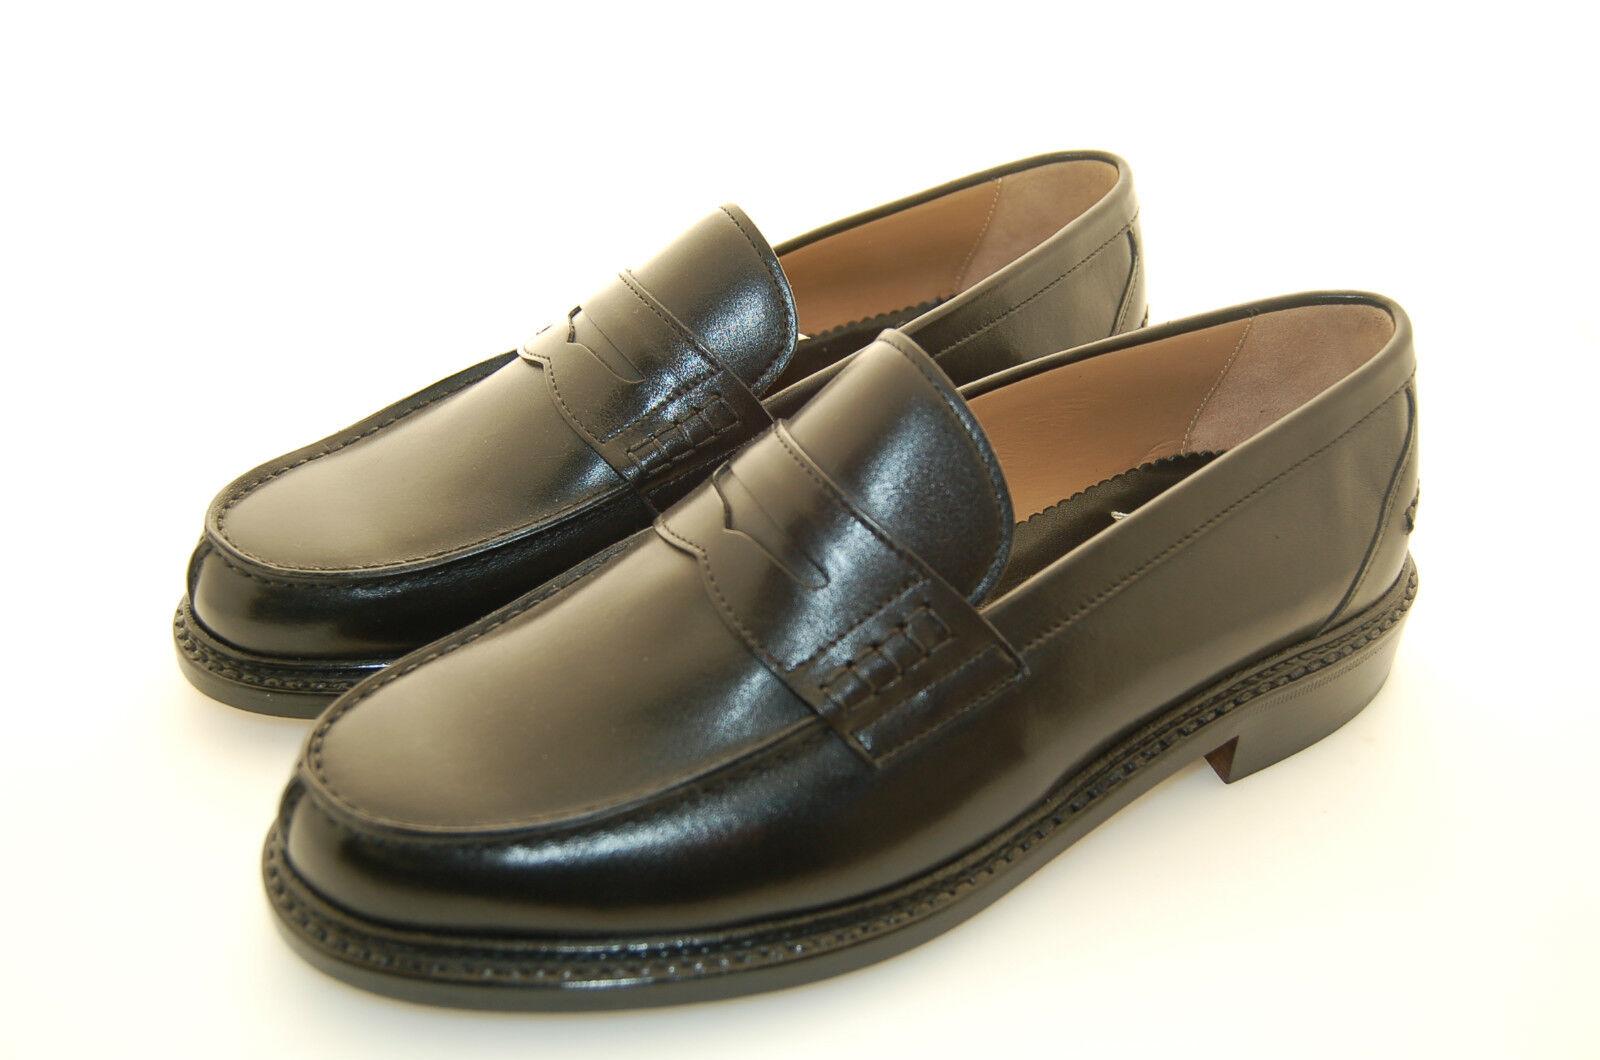 MAN -43 - 9eu - PENNY LOAFER - BLACK CALF - VITELLO black - LTH SOLE - F.DO CUOIO